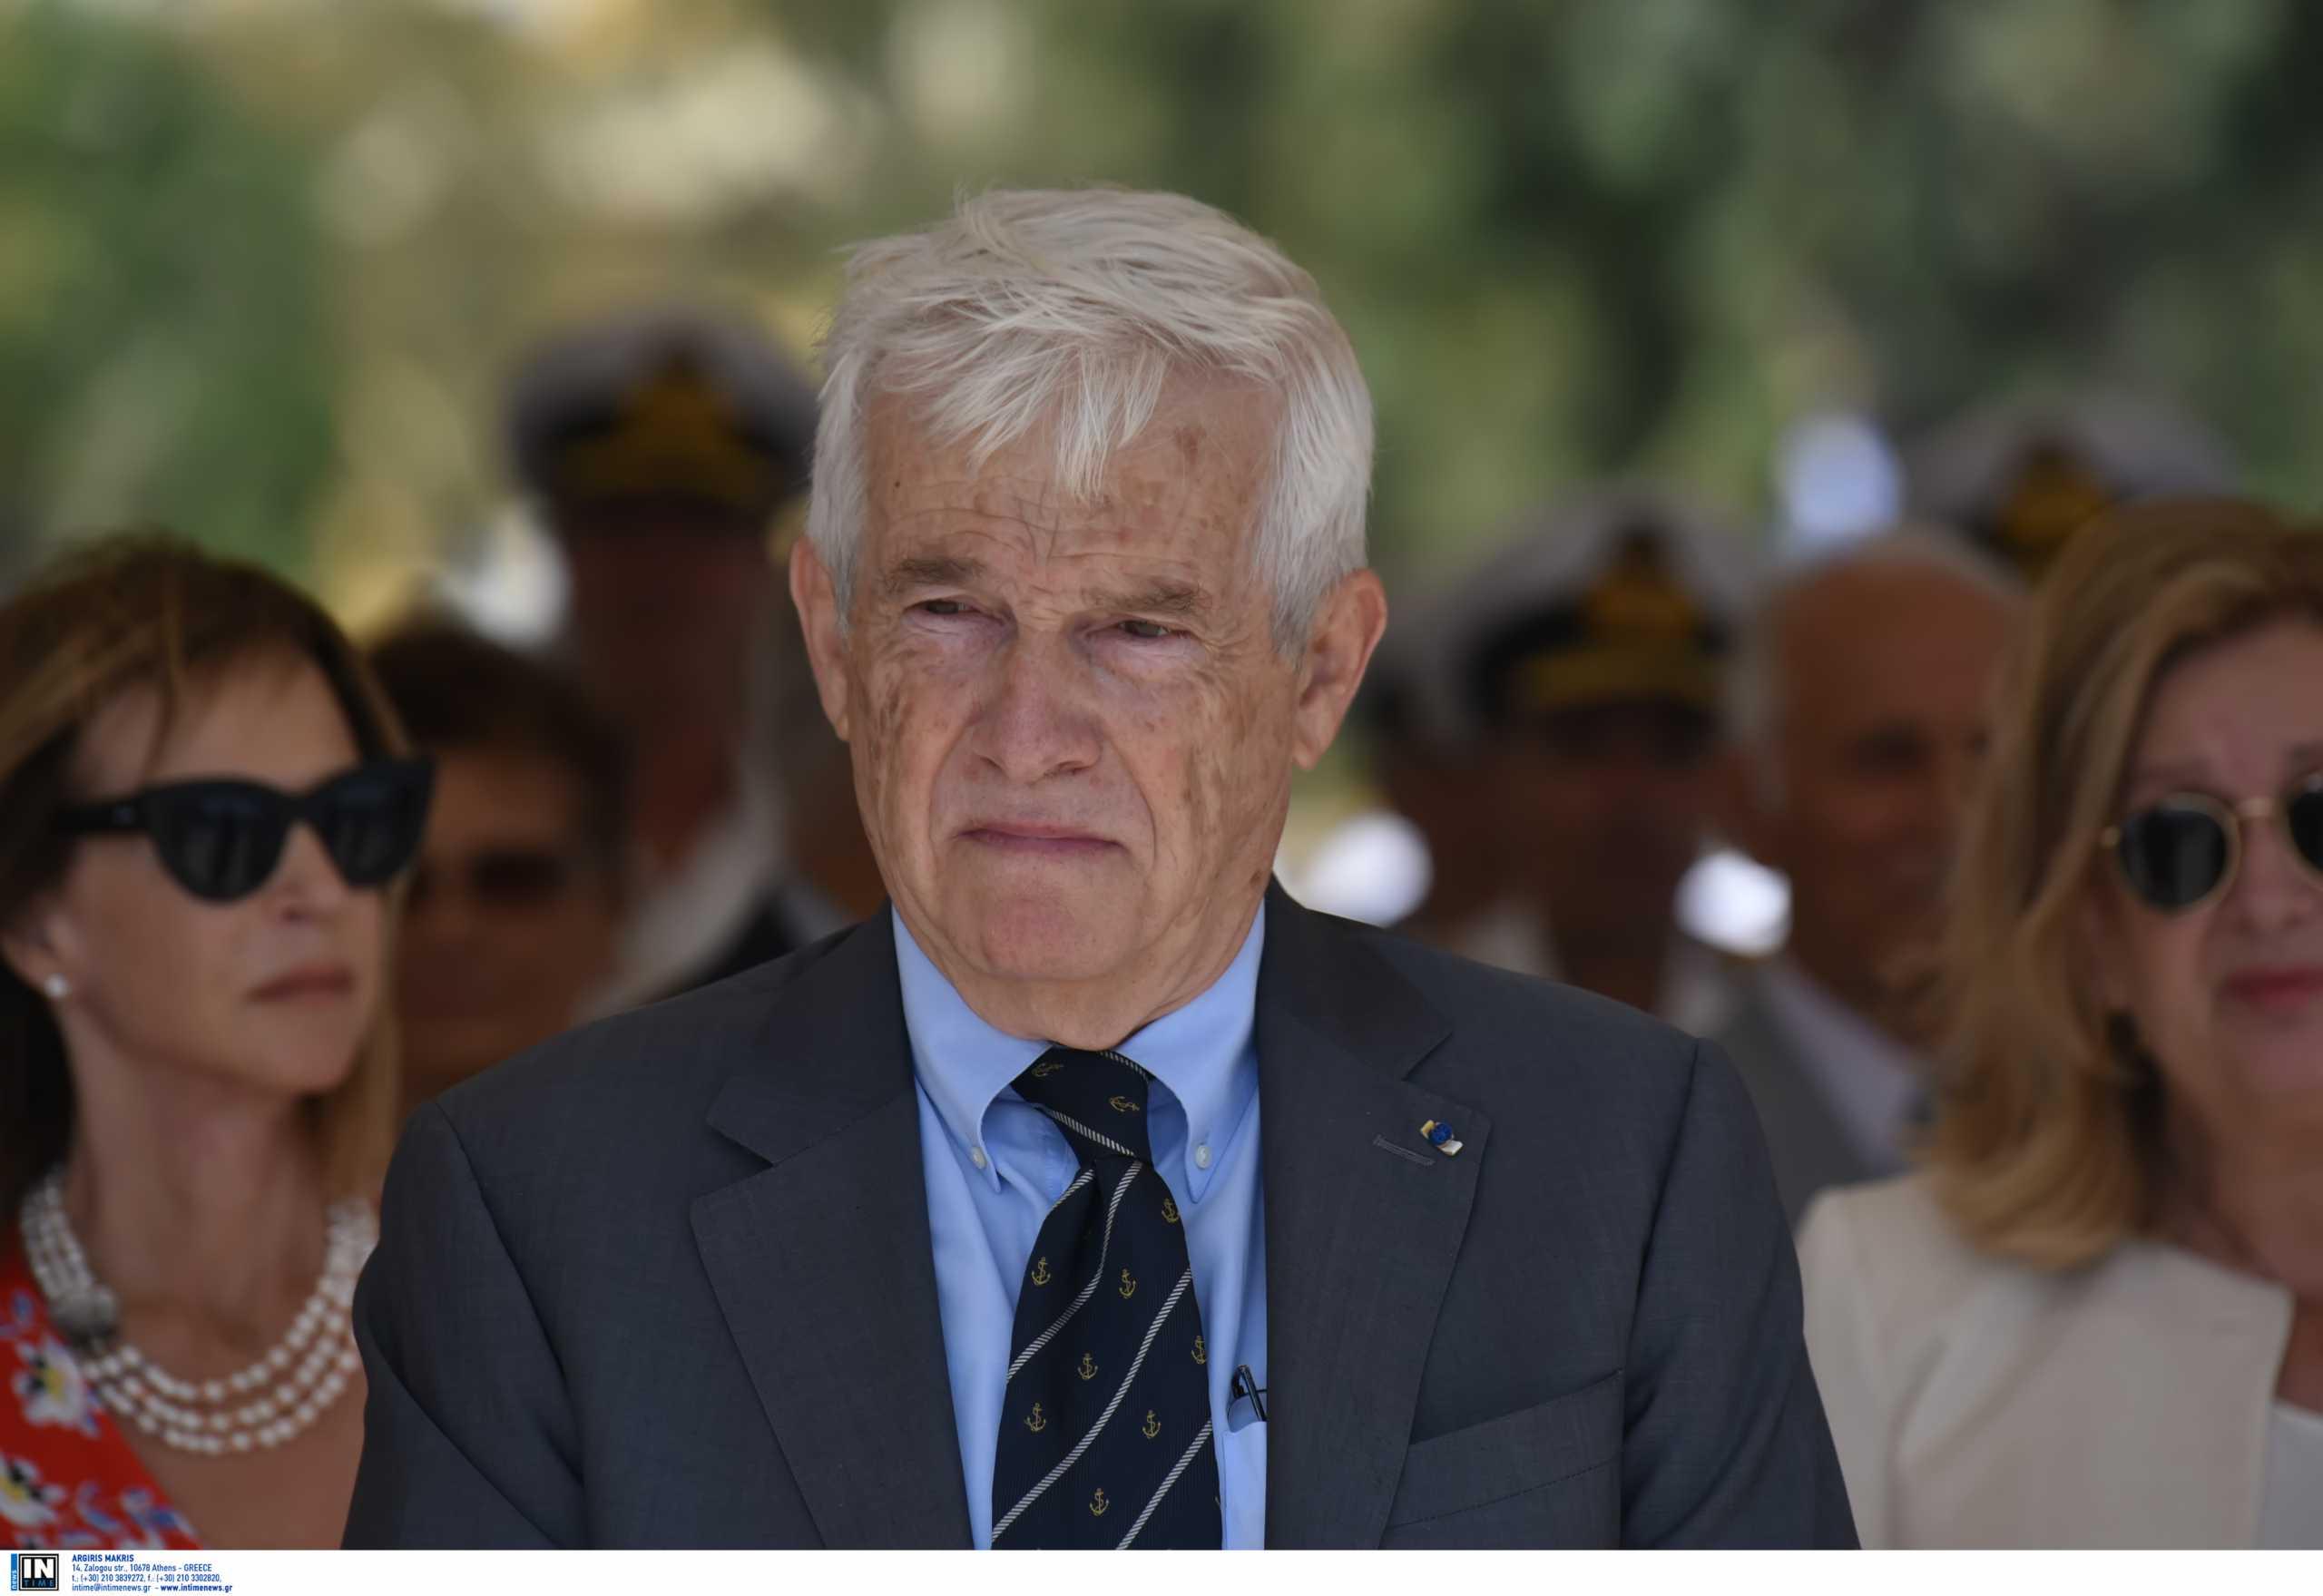 Έλληνες εφοπλιστές: Μη αποδεκτές και προσωπικές οι απόψεις του κ. Λασκαρίδη